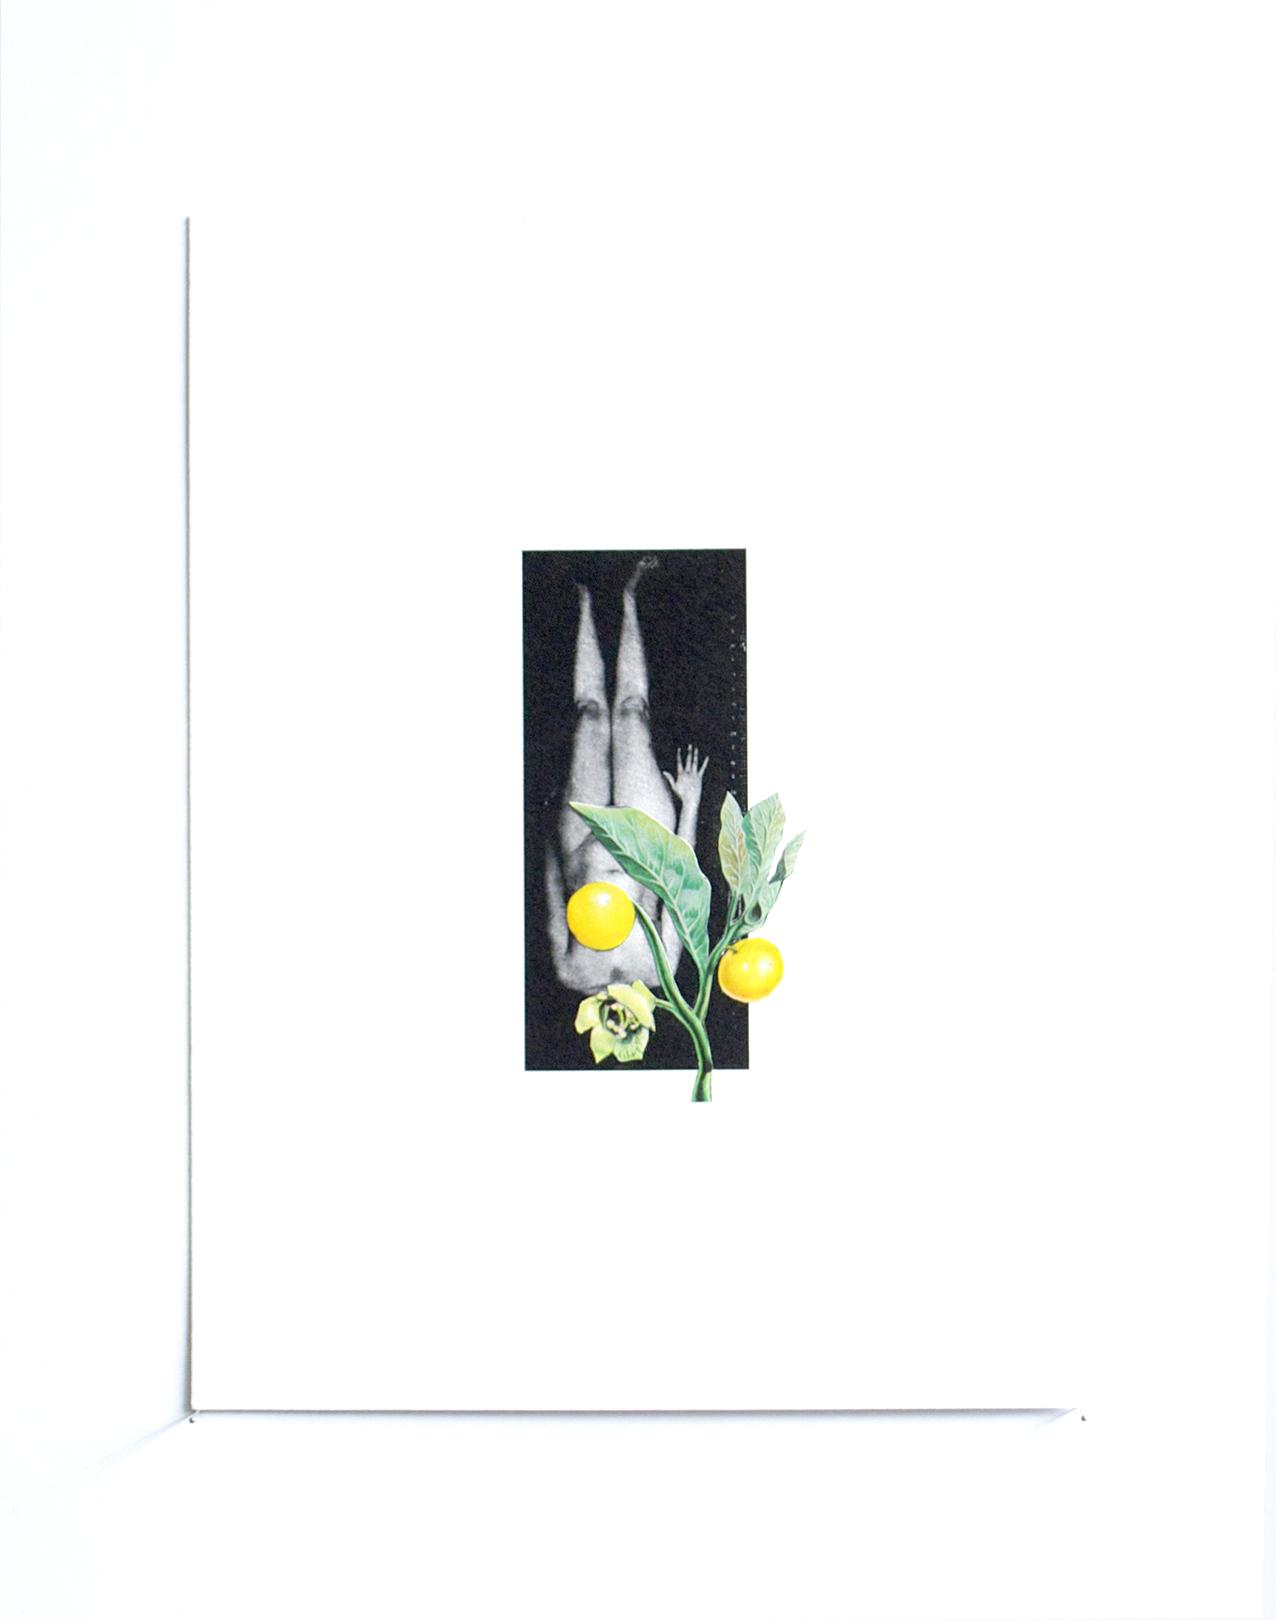 Belladona. 28.5 x 21.5 cm